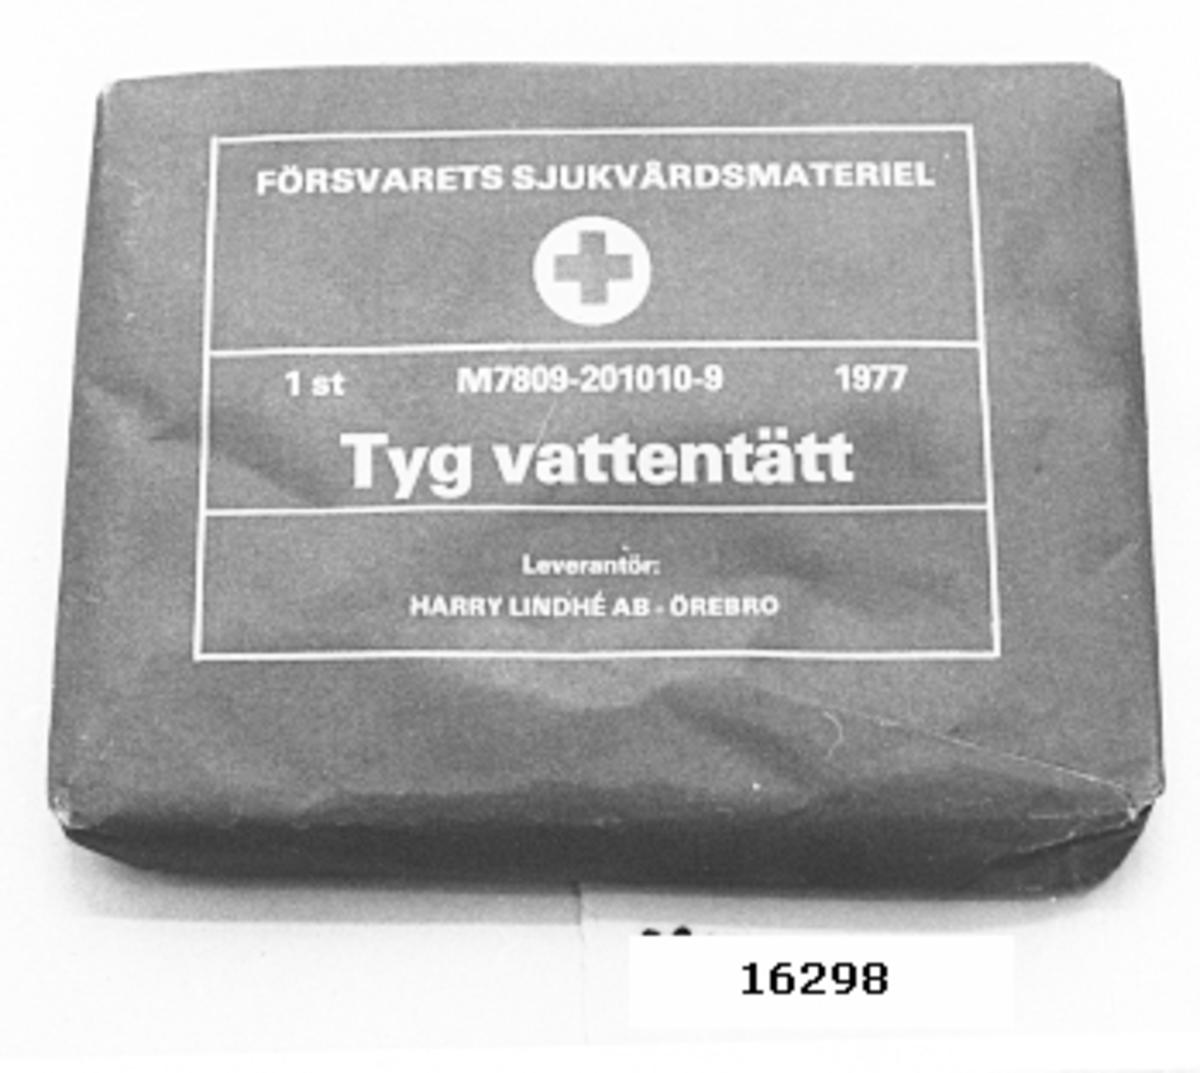 Rektangulär förpackning av mellanblått papper innehållande ihopvikt plasttyg. Tryckt text, vit, på förpackningens bredsida: FÖRSVARETS SJUKVÅRDSMATERIEL (rött kors på vit cirkelbotten). 1 st M7809-201010-9 1977. Tyg vattentätt. Leverantör HARRY LINDHÉ AB - ÖREBRO